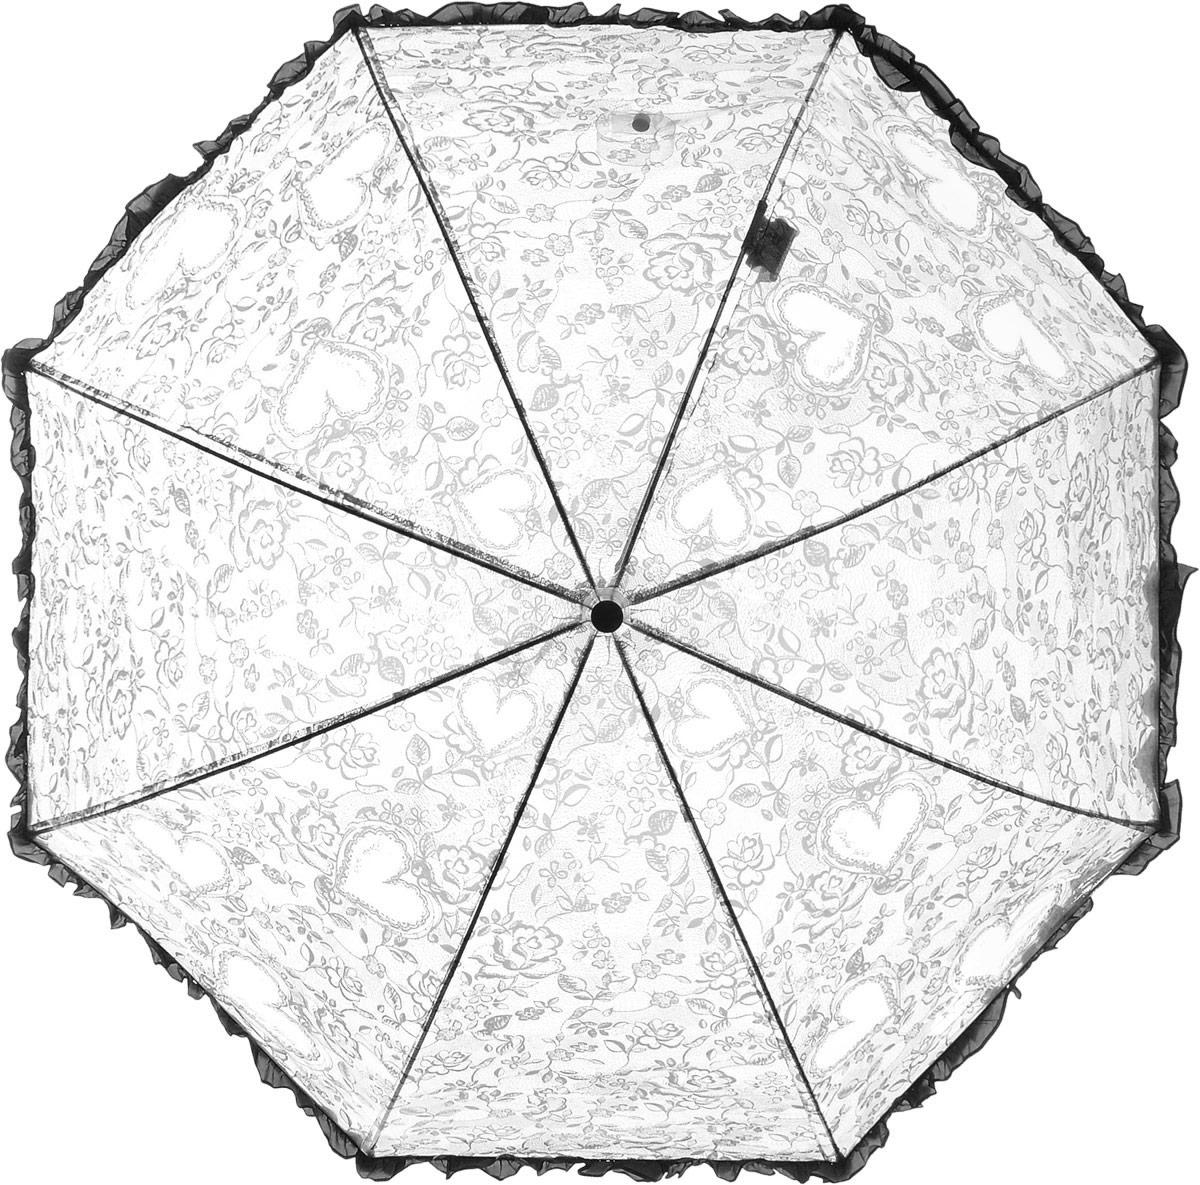 Зонт детский Airton, механический, трость, цвет: прозрачный, черный. 1651-061651-06Замечательный прозрачный зонтик для юной модницы с рисунком Сердечки. Механихм зонта - полуавтомат. Аксессуар сделан с соблюдением всех стандартов безопасности, острые концы заблокированы специальными клипсами, ручка в форме крюка позволит легко повесить зонт даже на собственную руку.